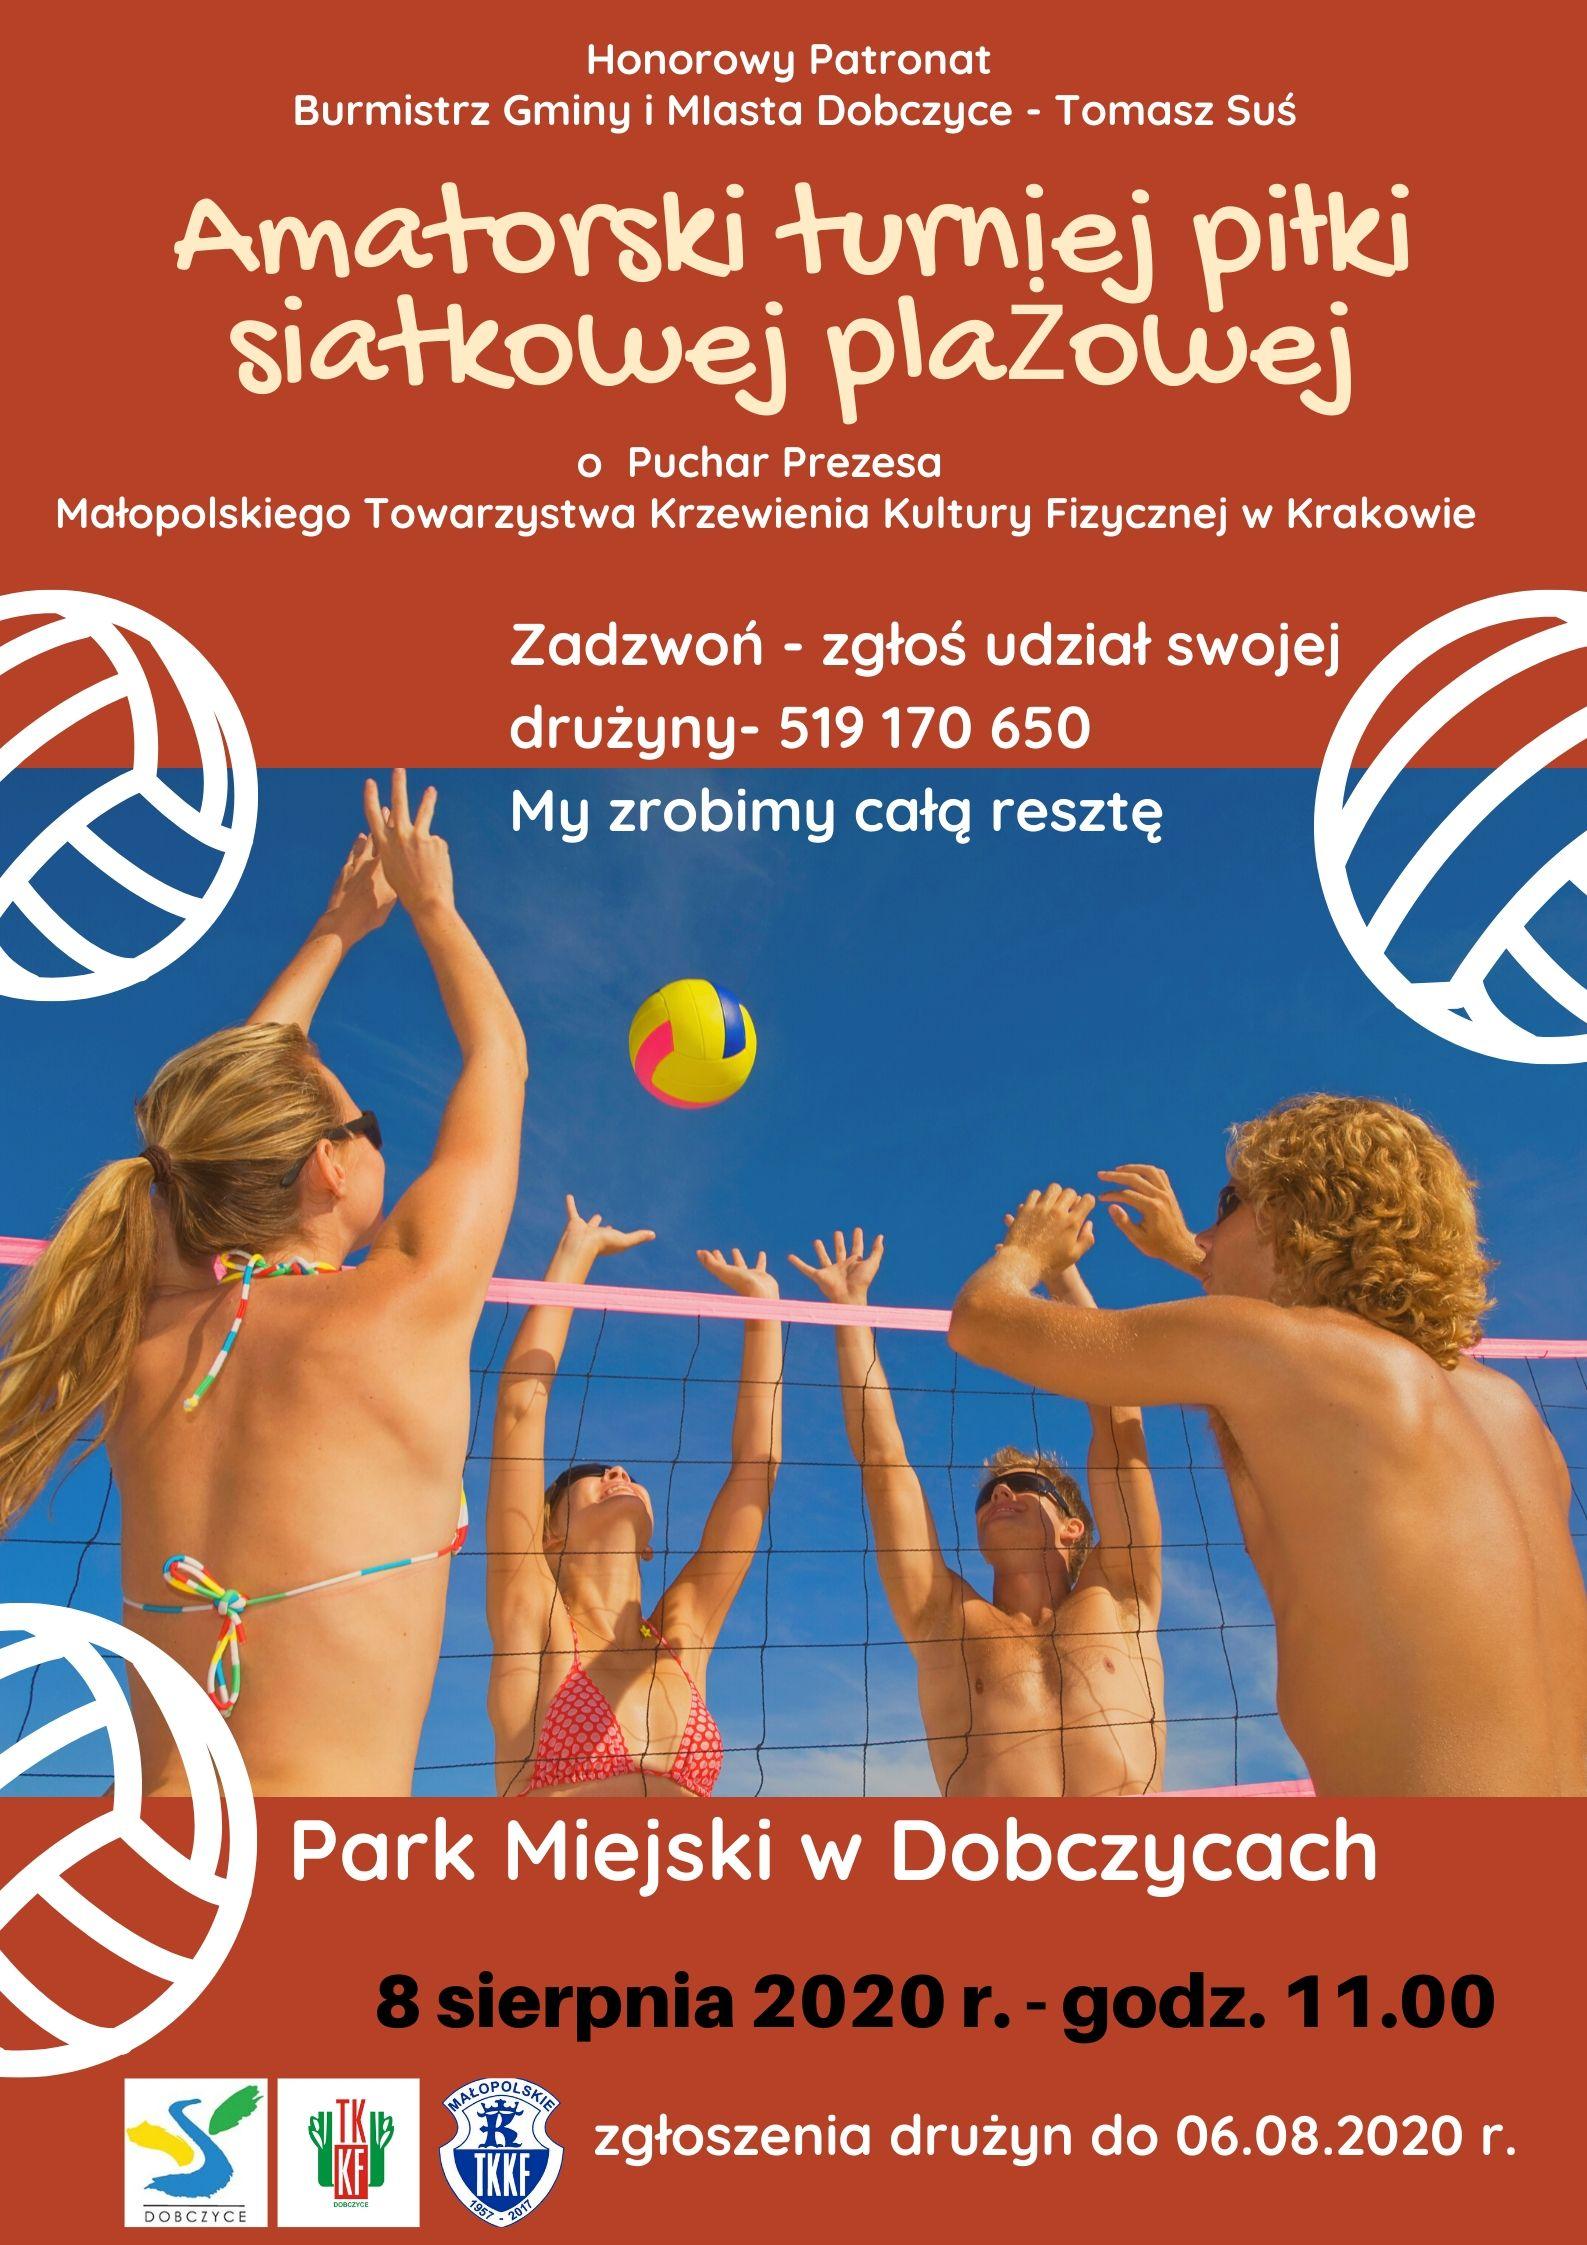 AMATORSKI TURNIEJ PIŁKI SIATKOWEJ 🏐 PLAŻOWEJ pod honorowym patronatem Burmistrza Gminy i Miasta Dobczyce- Pana Tomasza Susia.